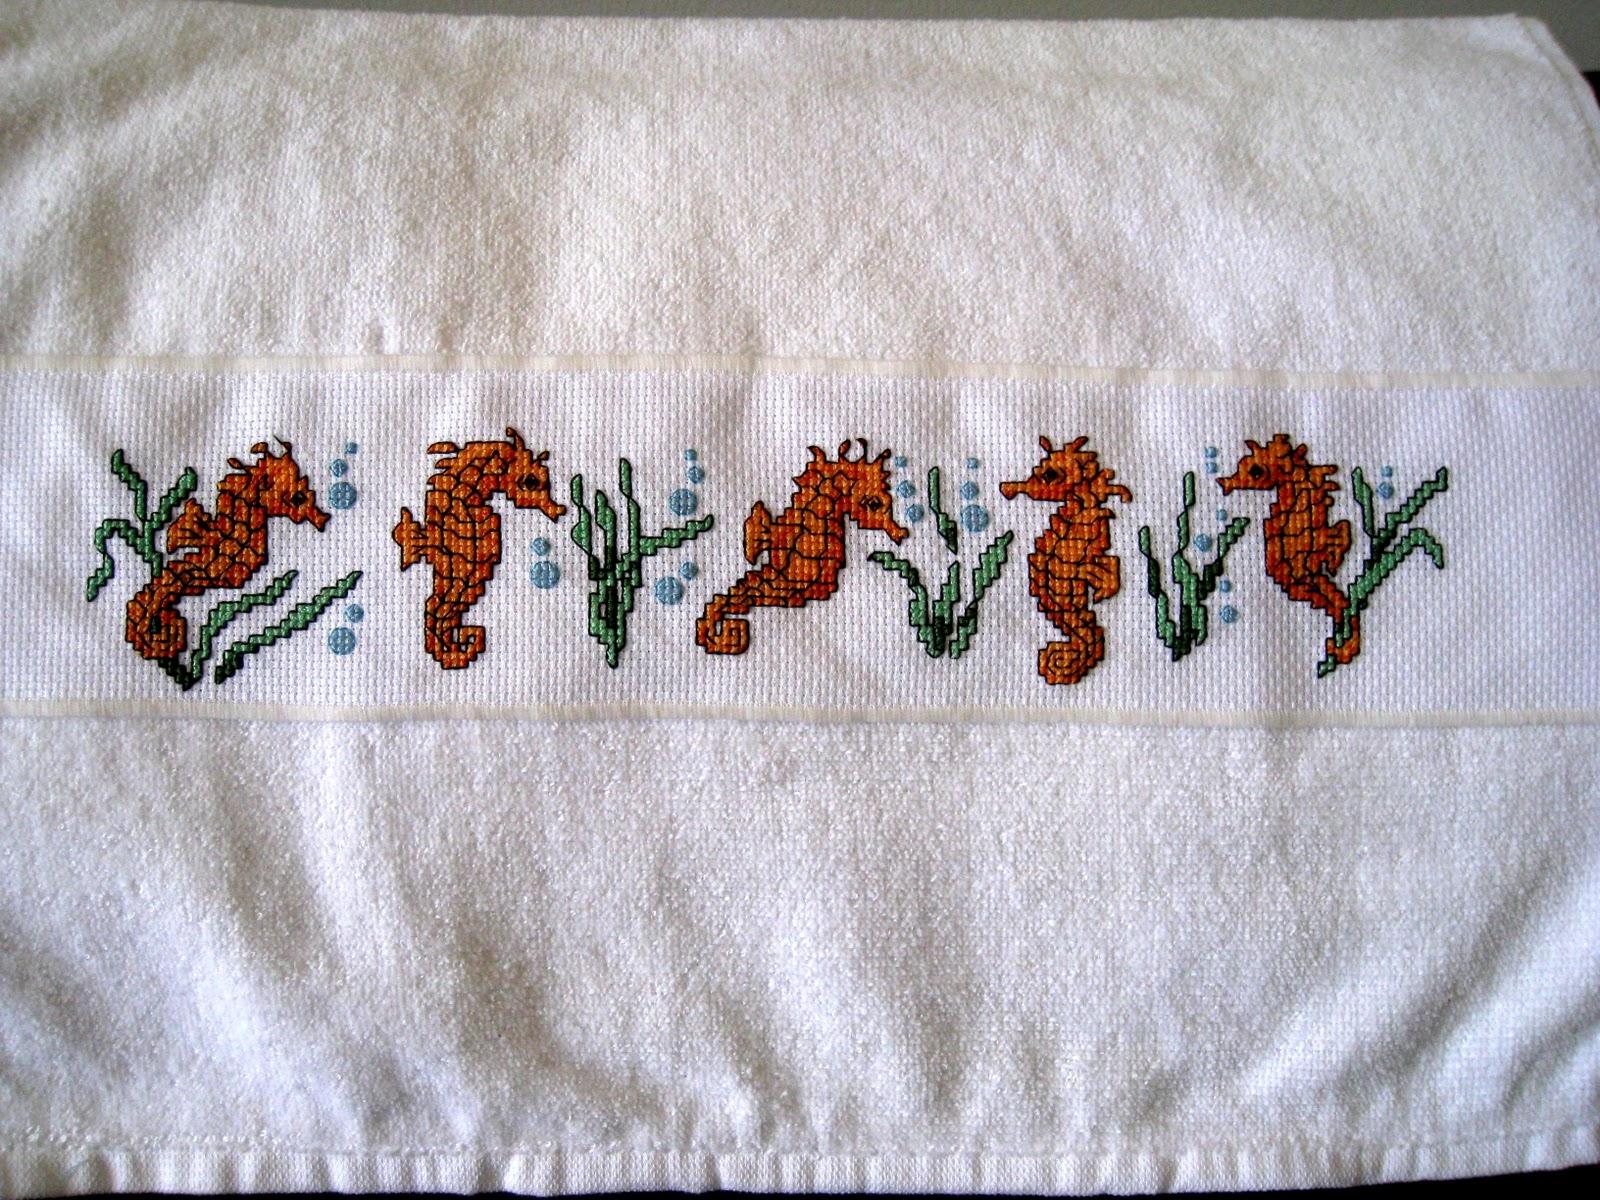 Creaci n punto por punto toallas para cocina en punto de cruz - Motivos en punto de cruz ...